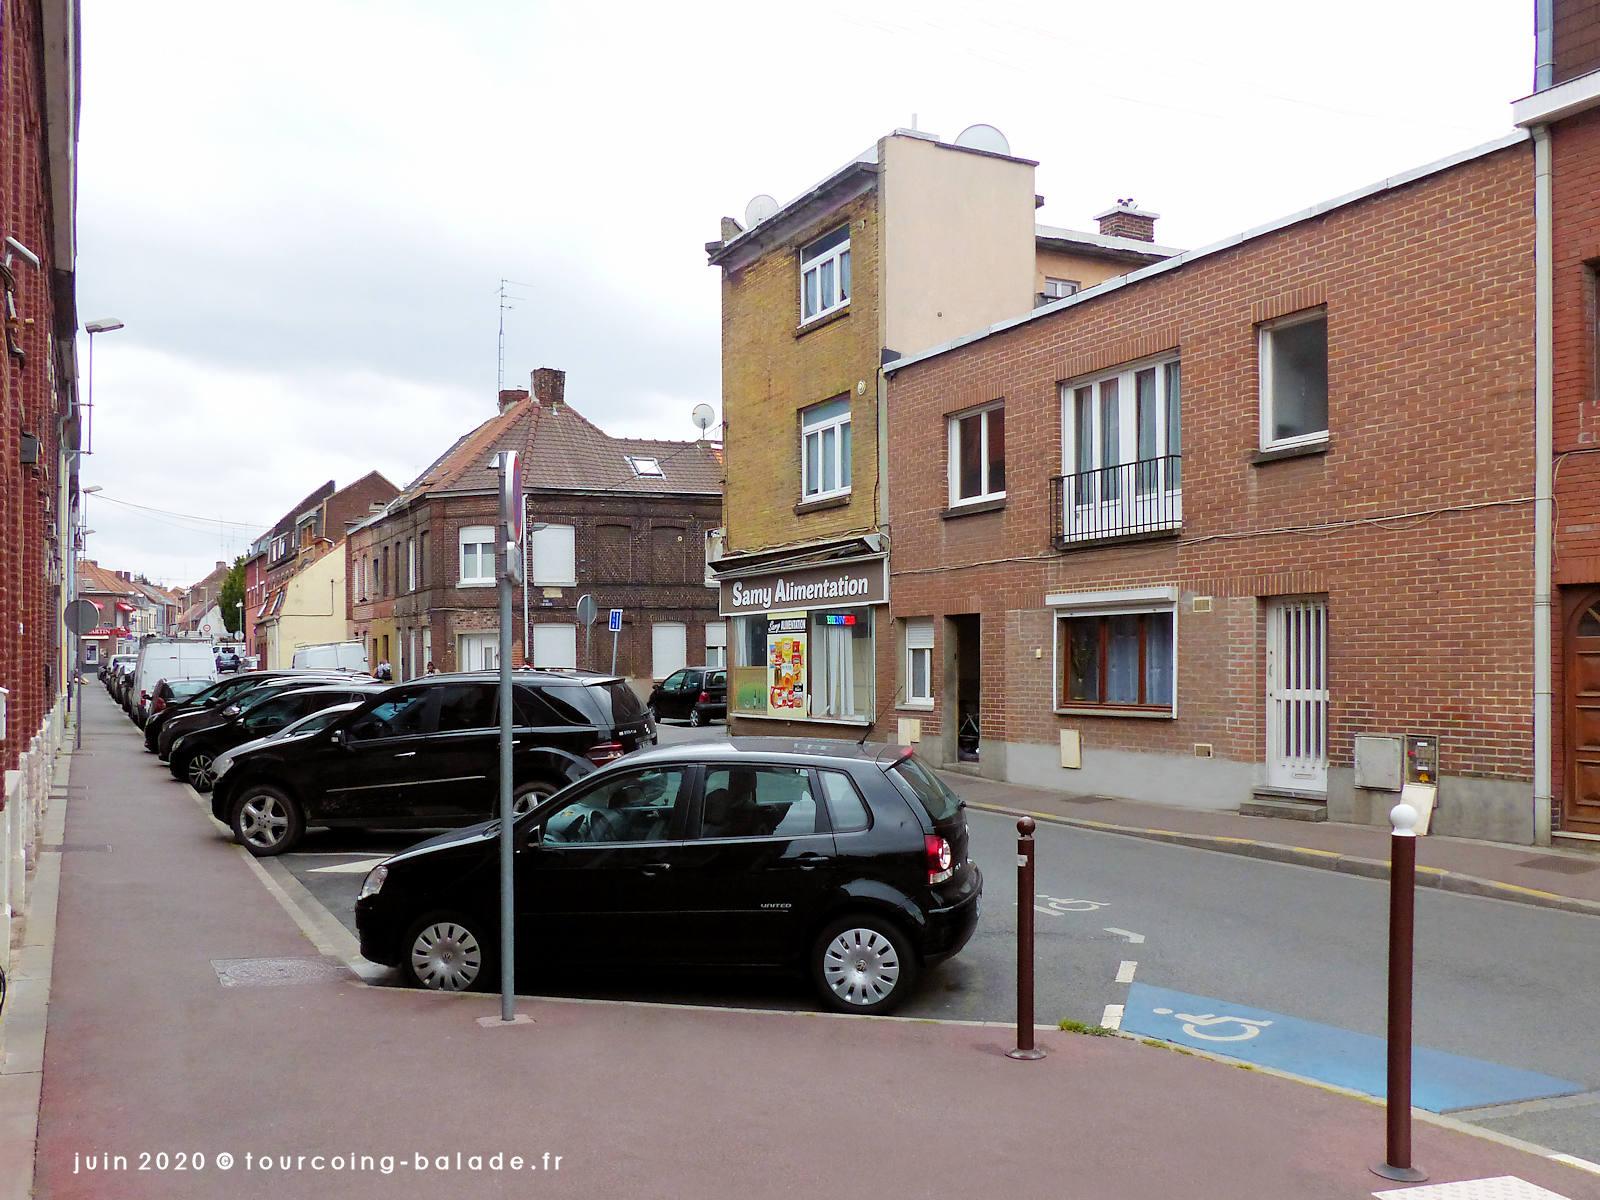 Rue de Roncqu, Tourcoing 2020